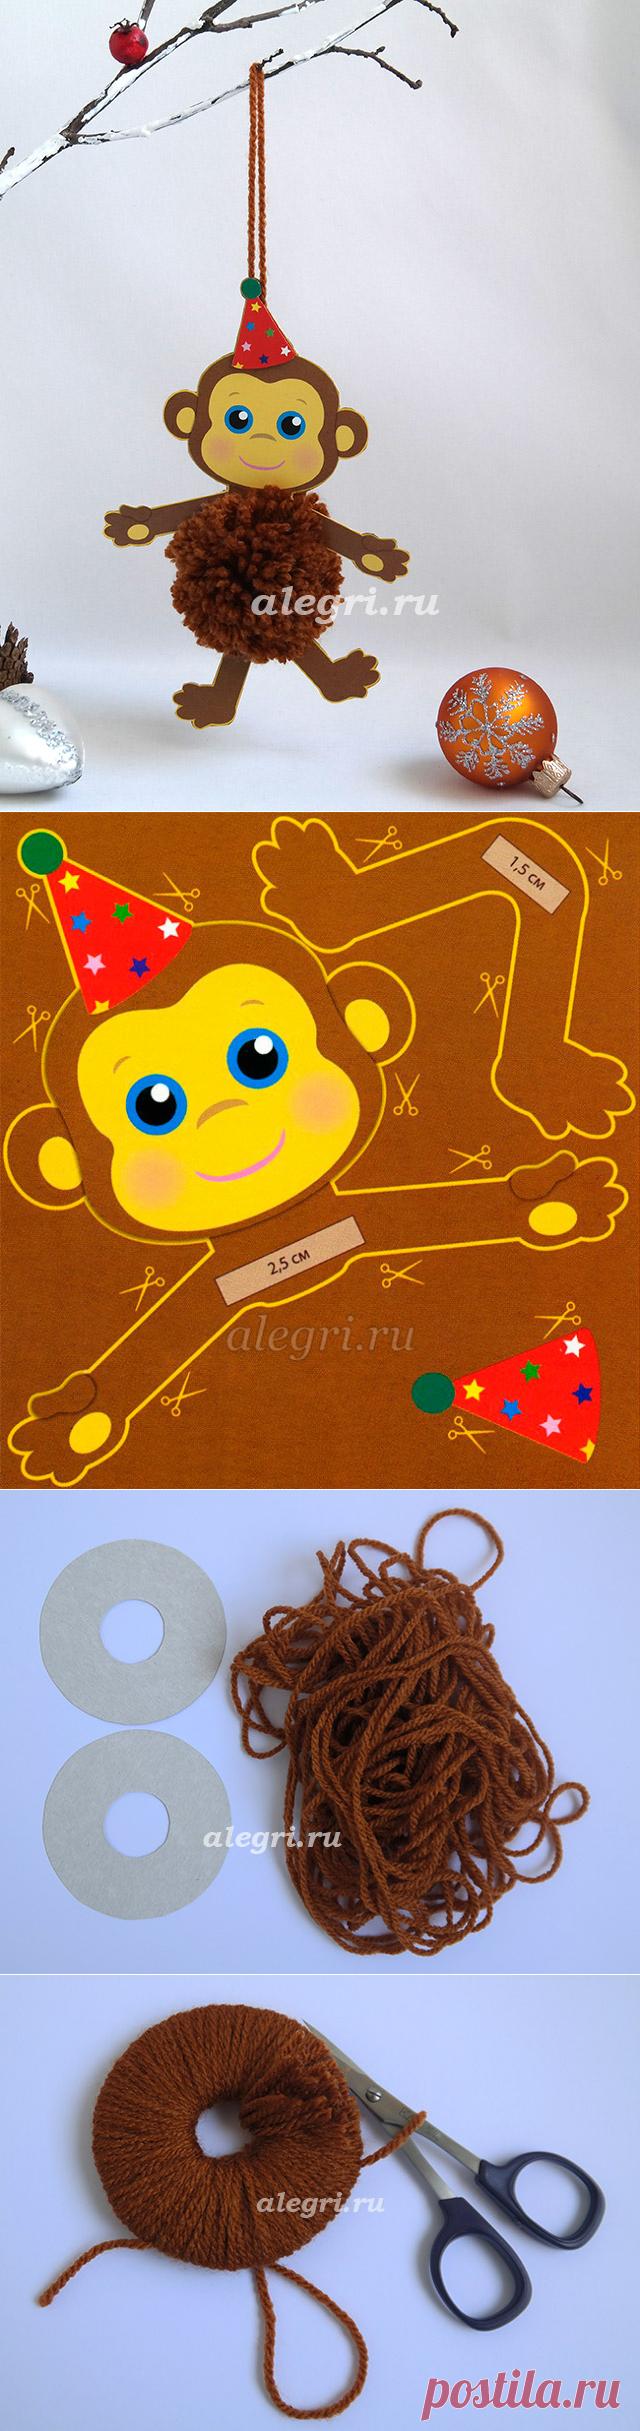 Новогодняя игрушка Обезьянка из помпона. МК